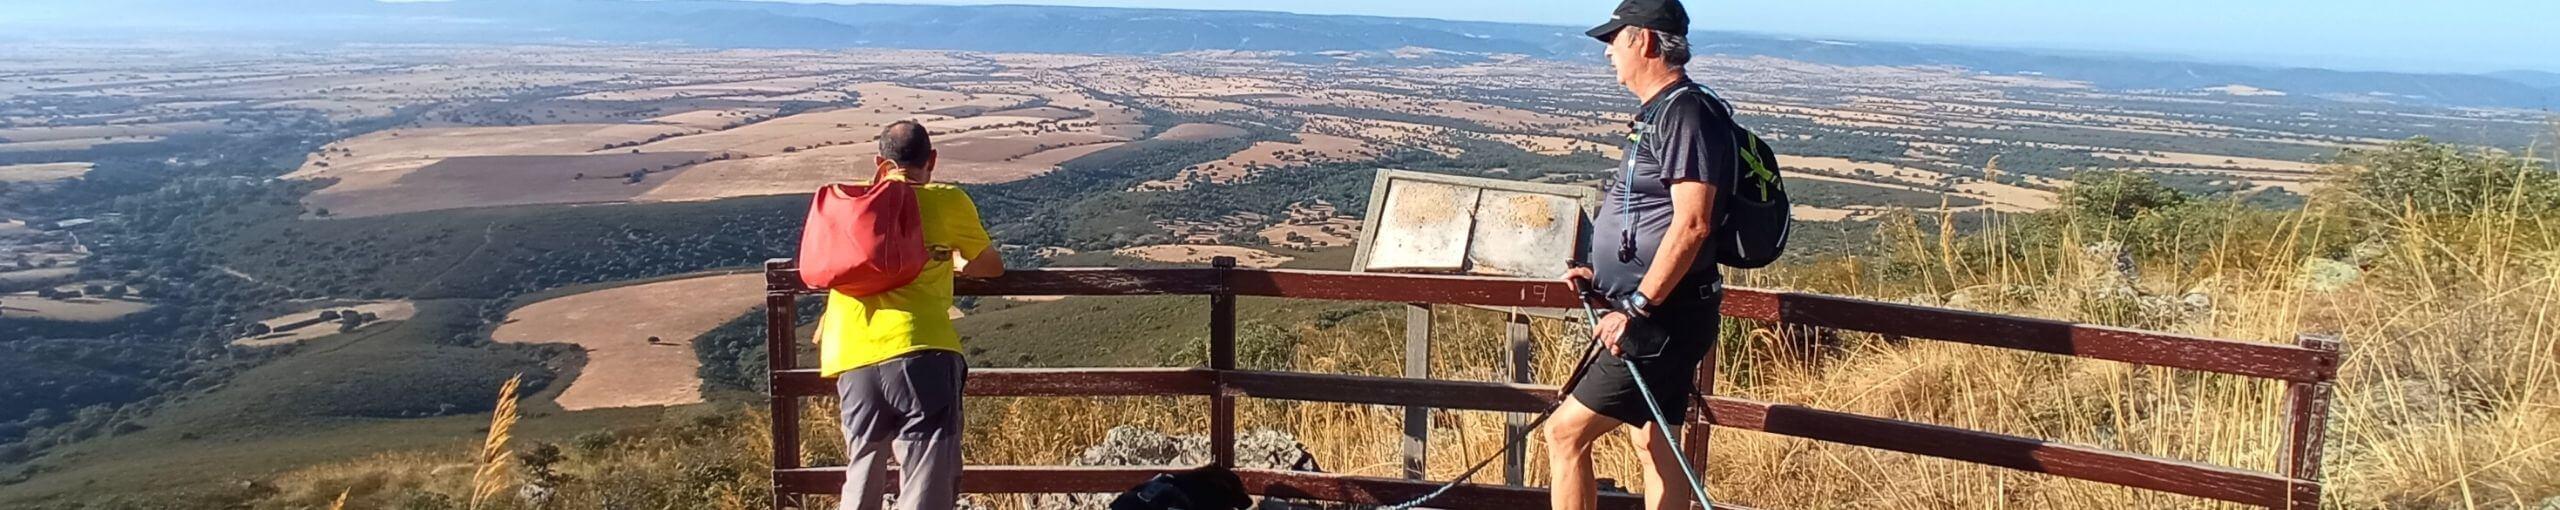 Ruta Puerto del Marchés. Montes de Toledo. Mirador de Cabañeros. Las Navillas, Toledo.